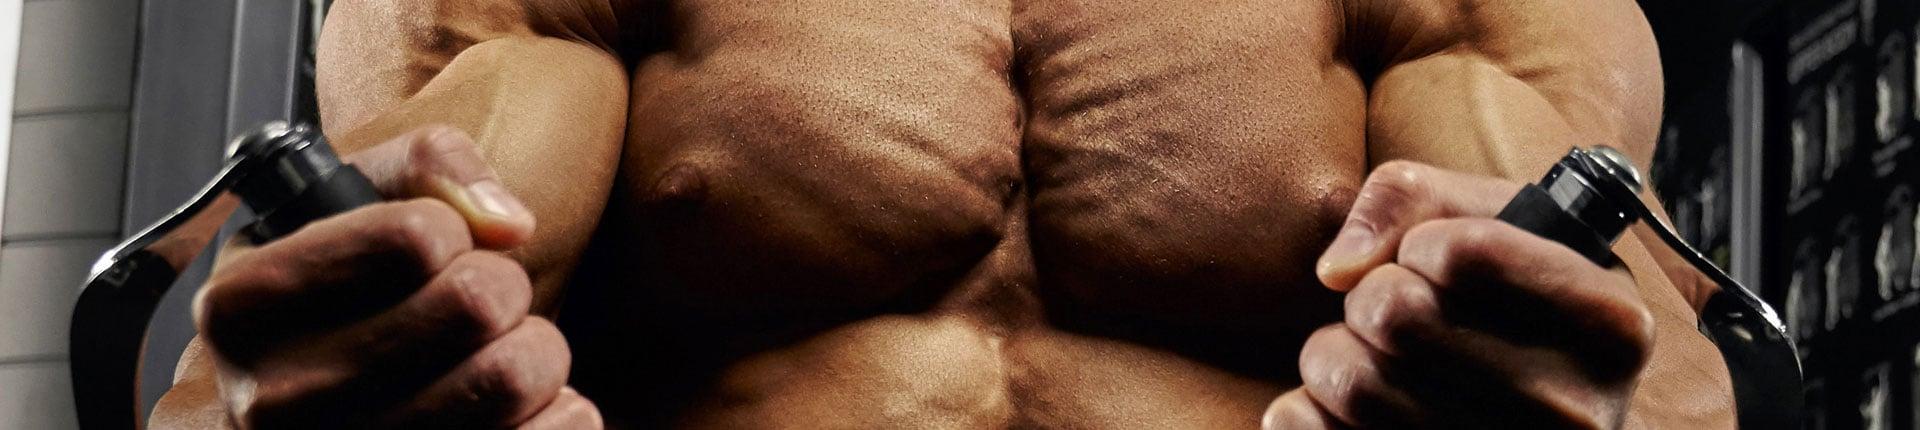 Hormon wzrostu odchudza? Jak wpływa na redukcję